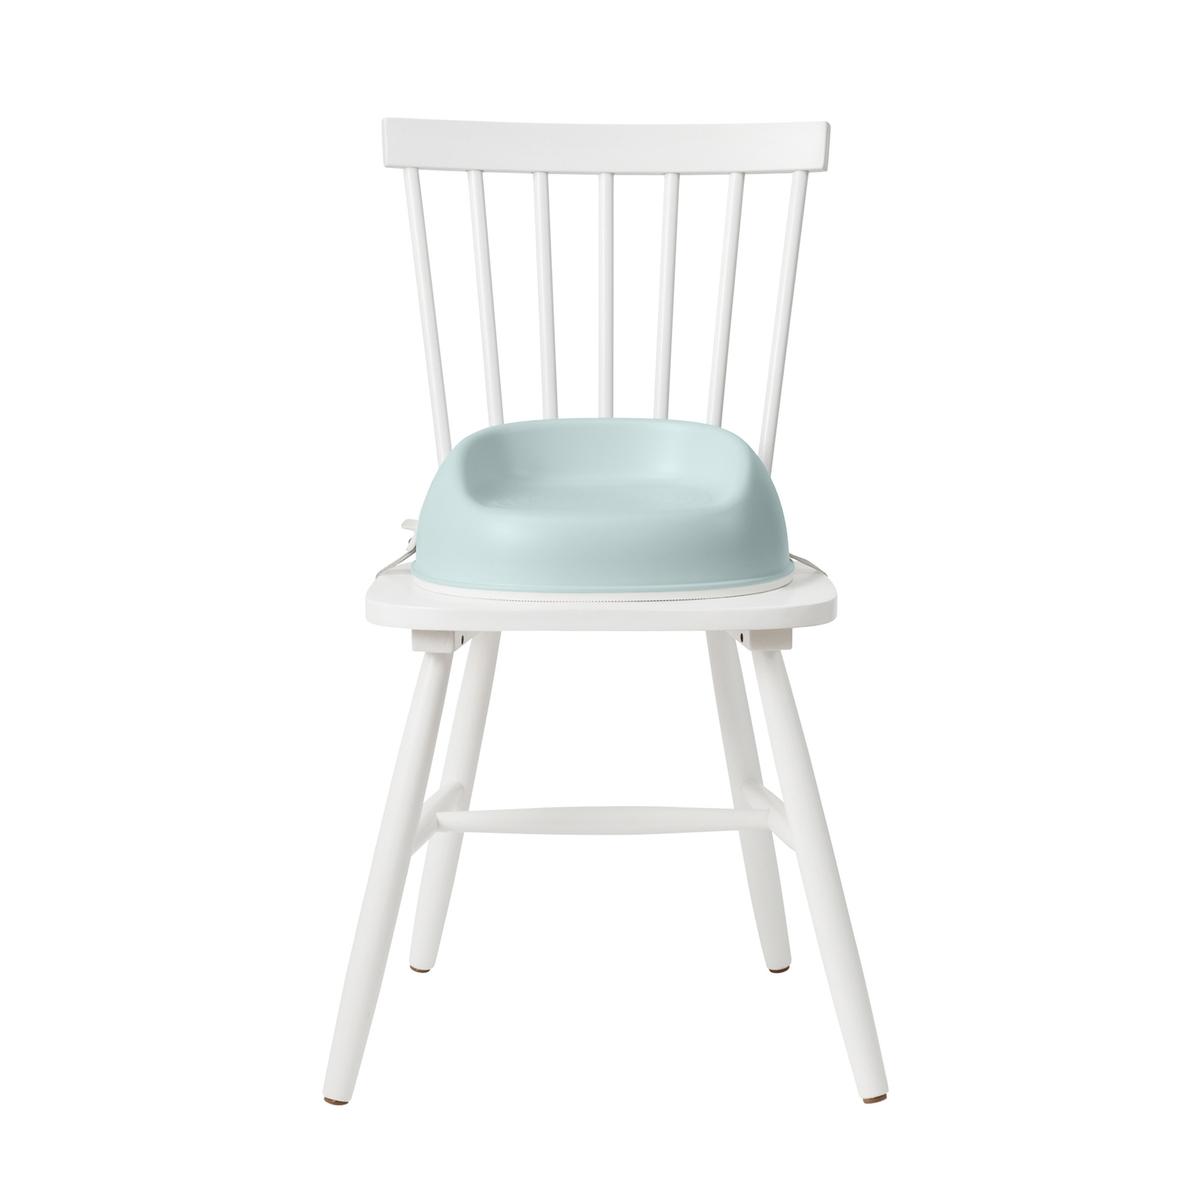 BABYBJORN - Babybjorn Assento elevatório para cadeira, 69085